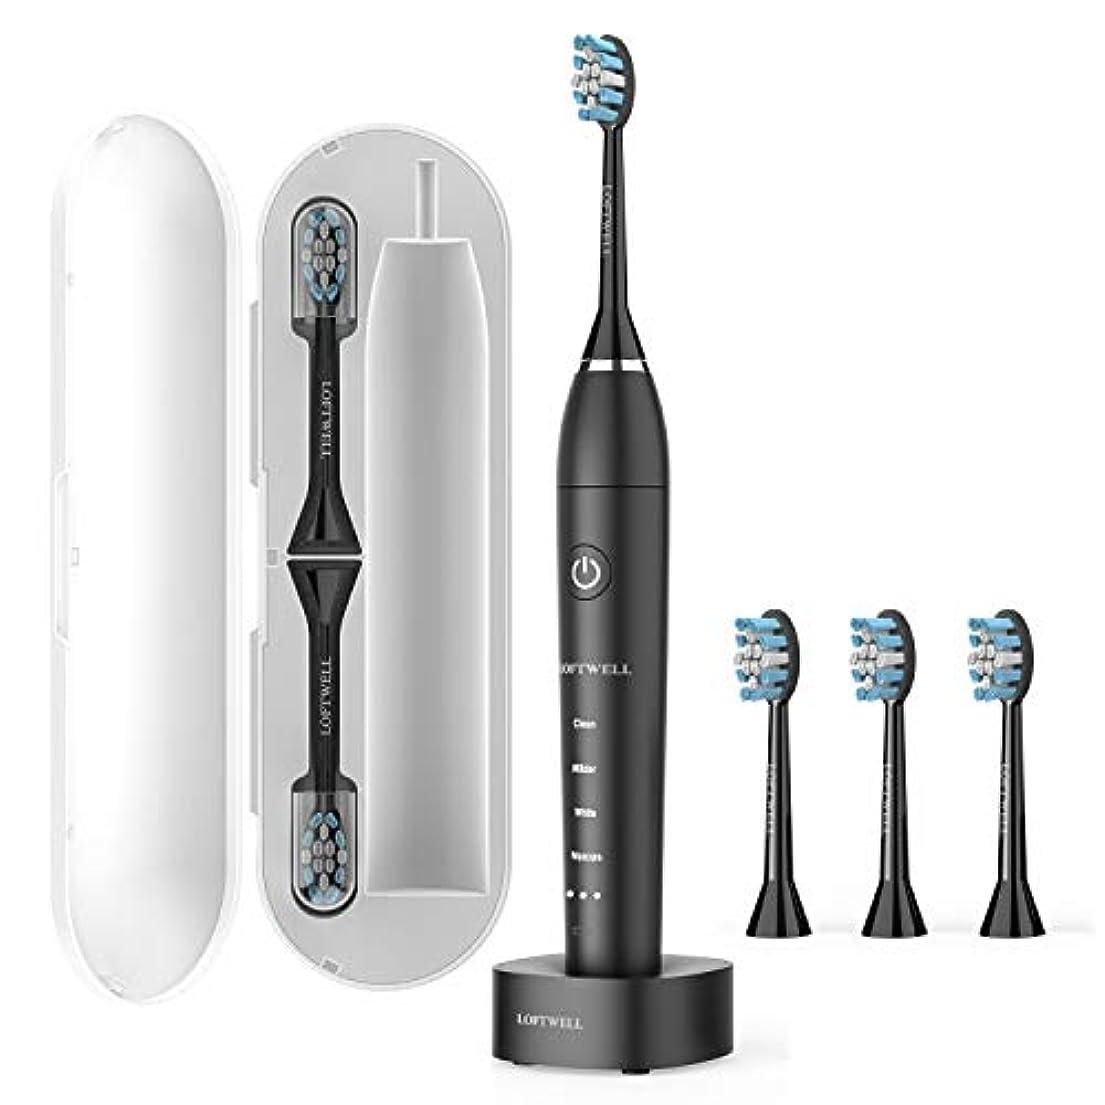 スクリュー大邸宅ベアリング電動歯ブラシ USB充電式 LOFTWELL 音波歯ブラシ 4モード 超音波 歯ブラシ 2分間オートタイマー機能搭載 フル充電20日使え IPX7防水 替えブラシ6本付き (D5-電動歯ブラシ)